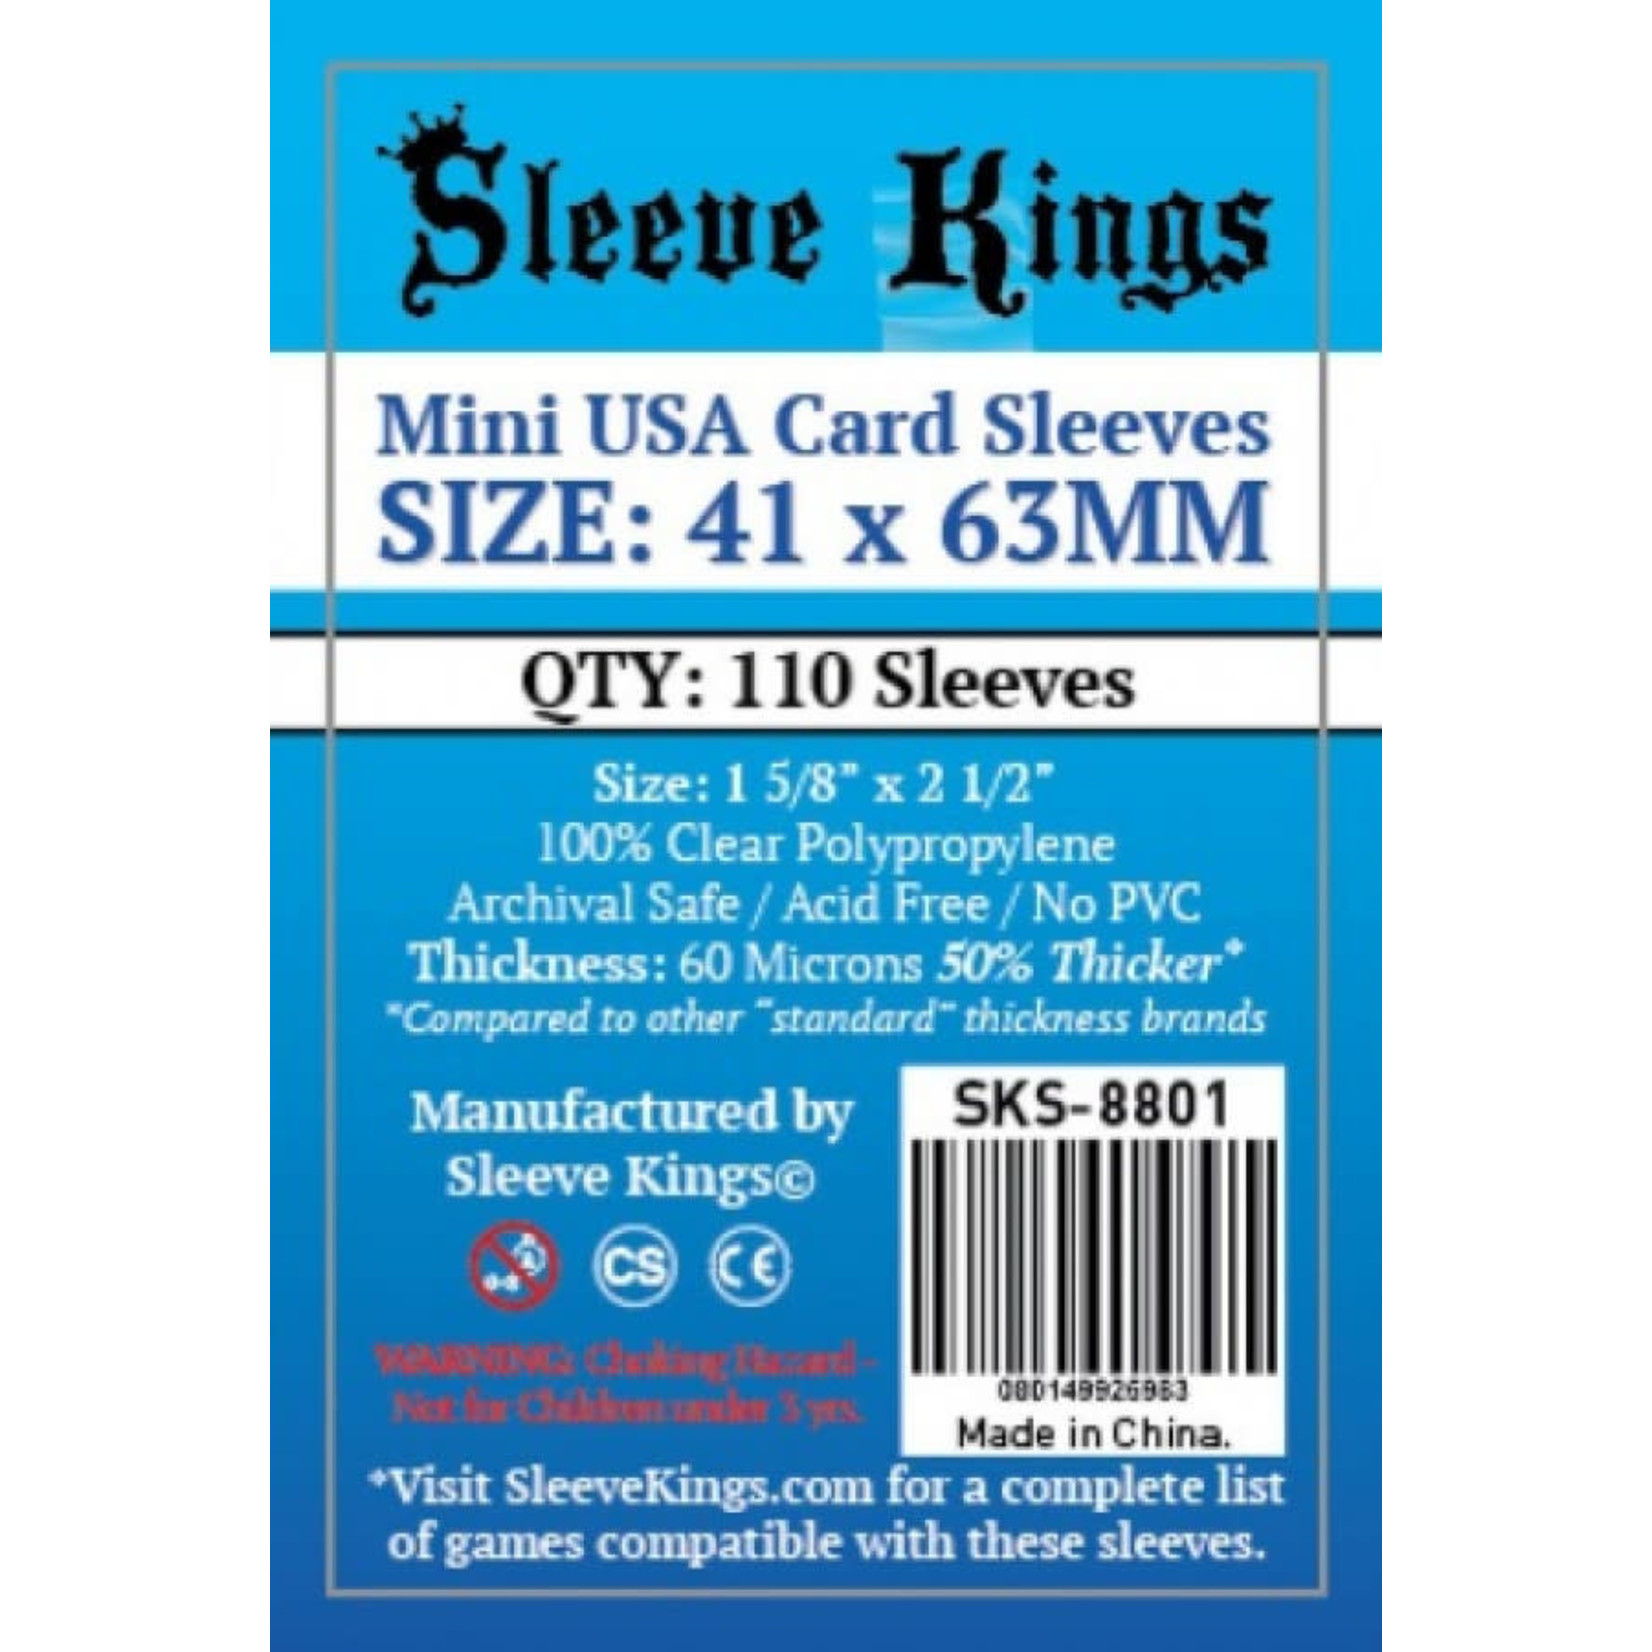 Sleeve Kings Sleeve Kings 41X63